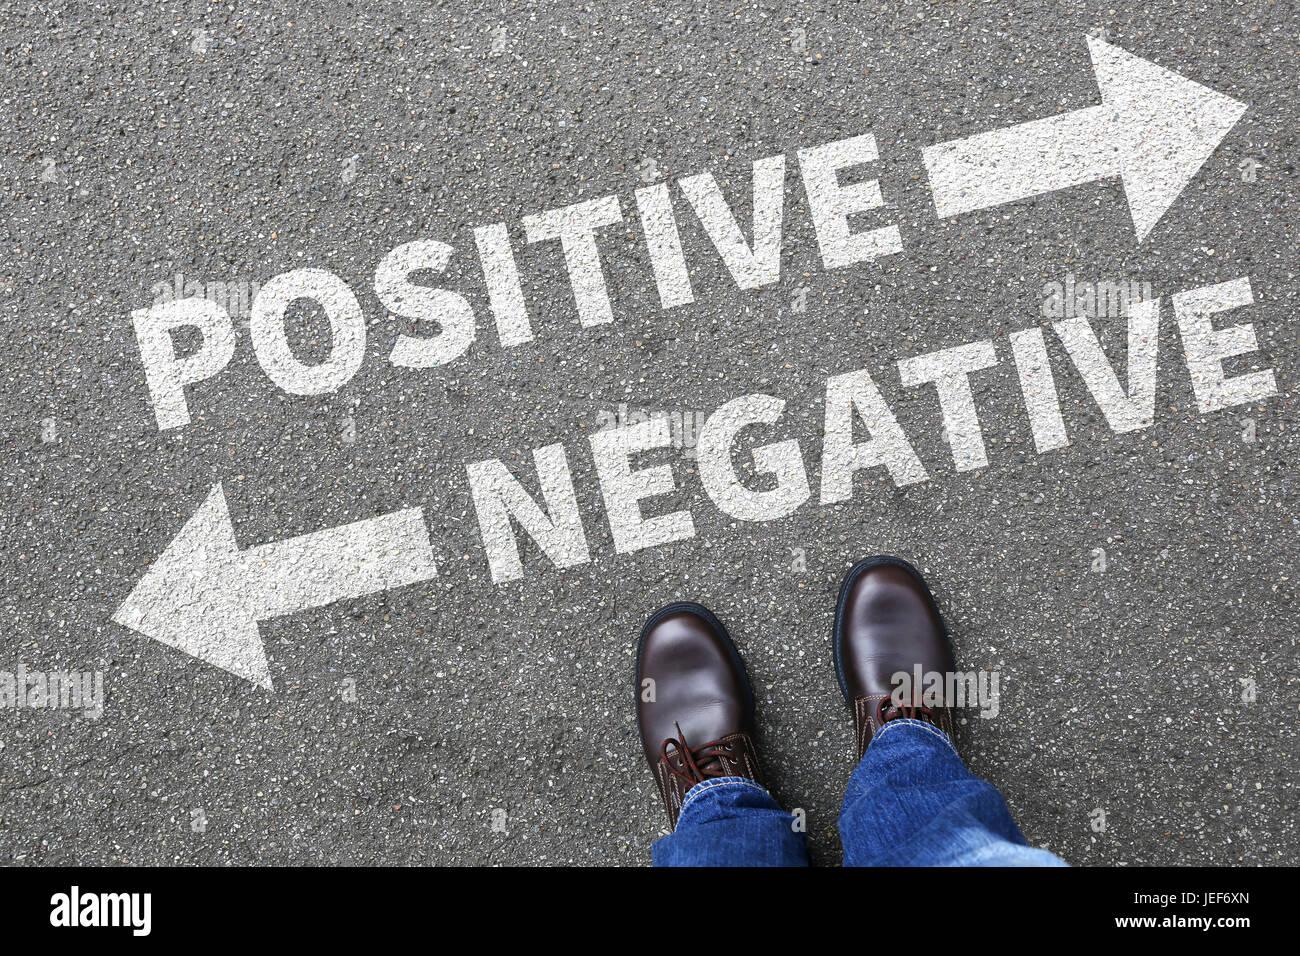 Pensamiento positivo negativo buenos malos pensamientos actitud concepto empresarial decisión decidir elección Imagen De Stock